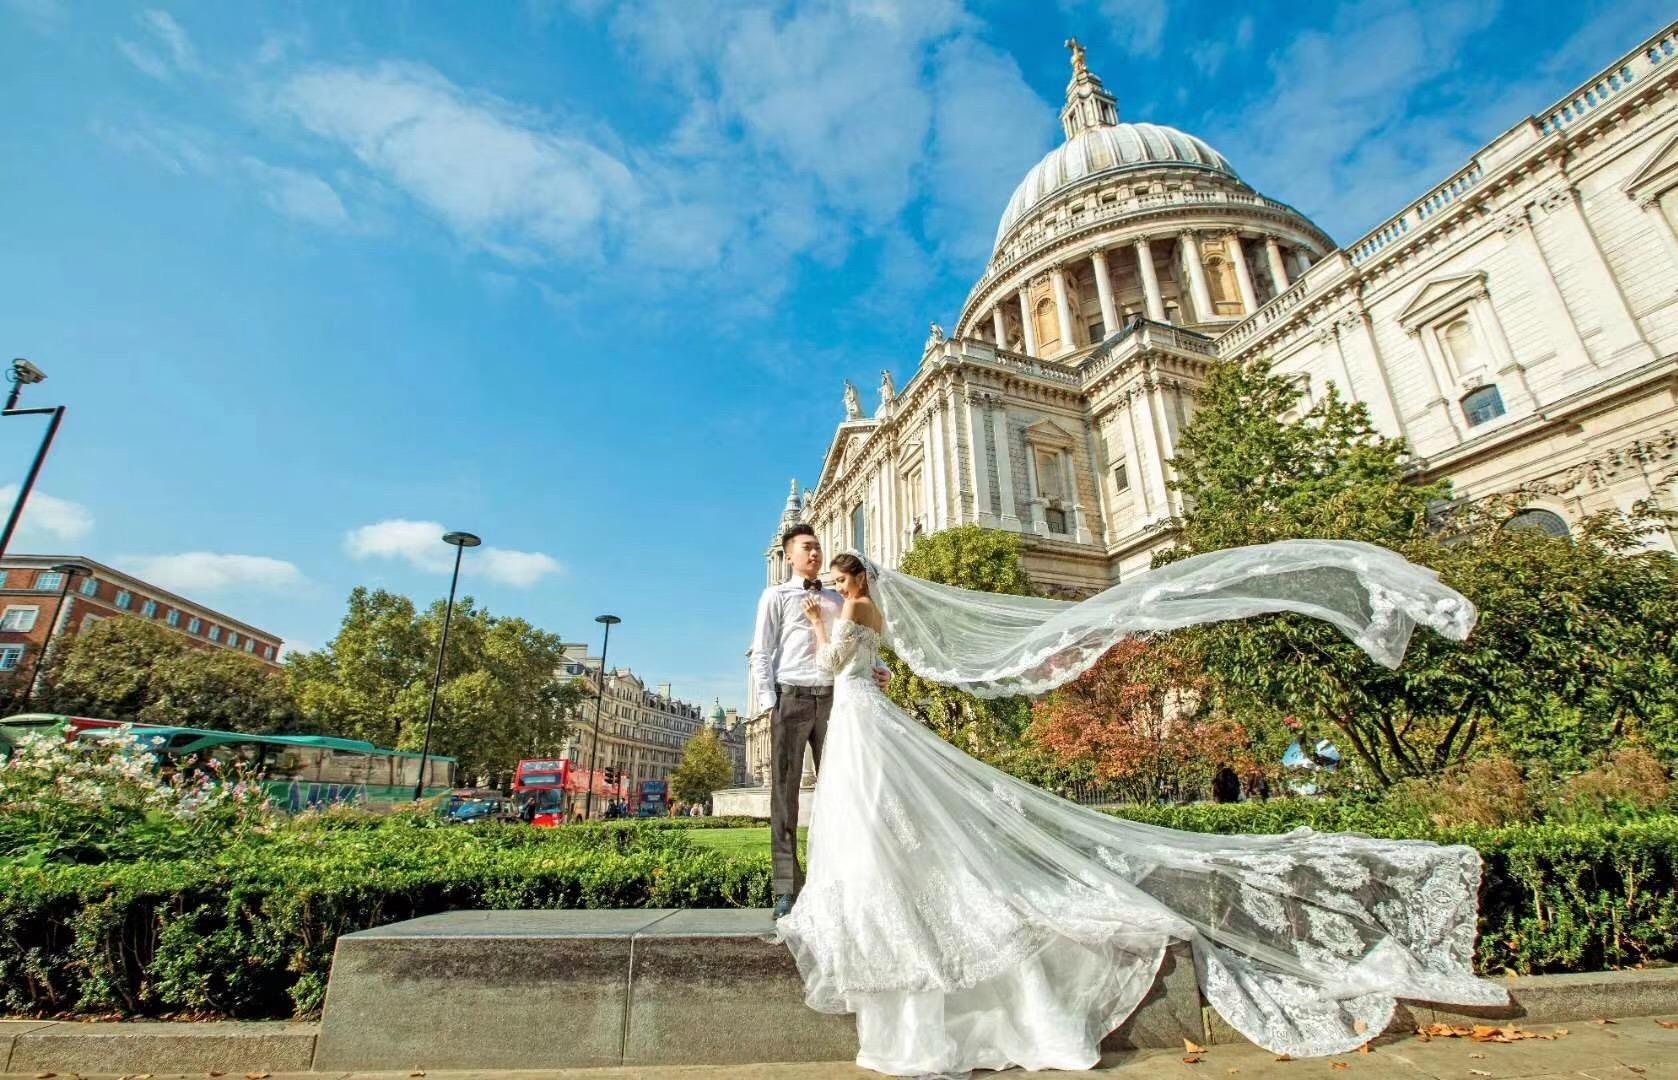 伦敦婚纱摄影旅拍推荐